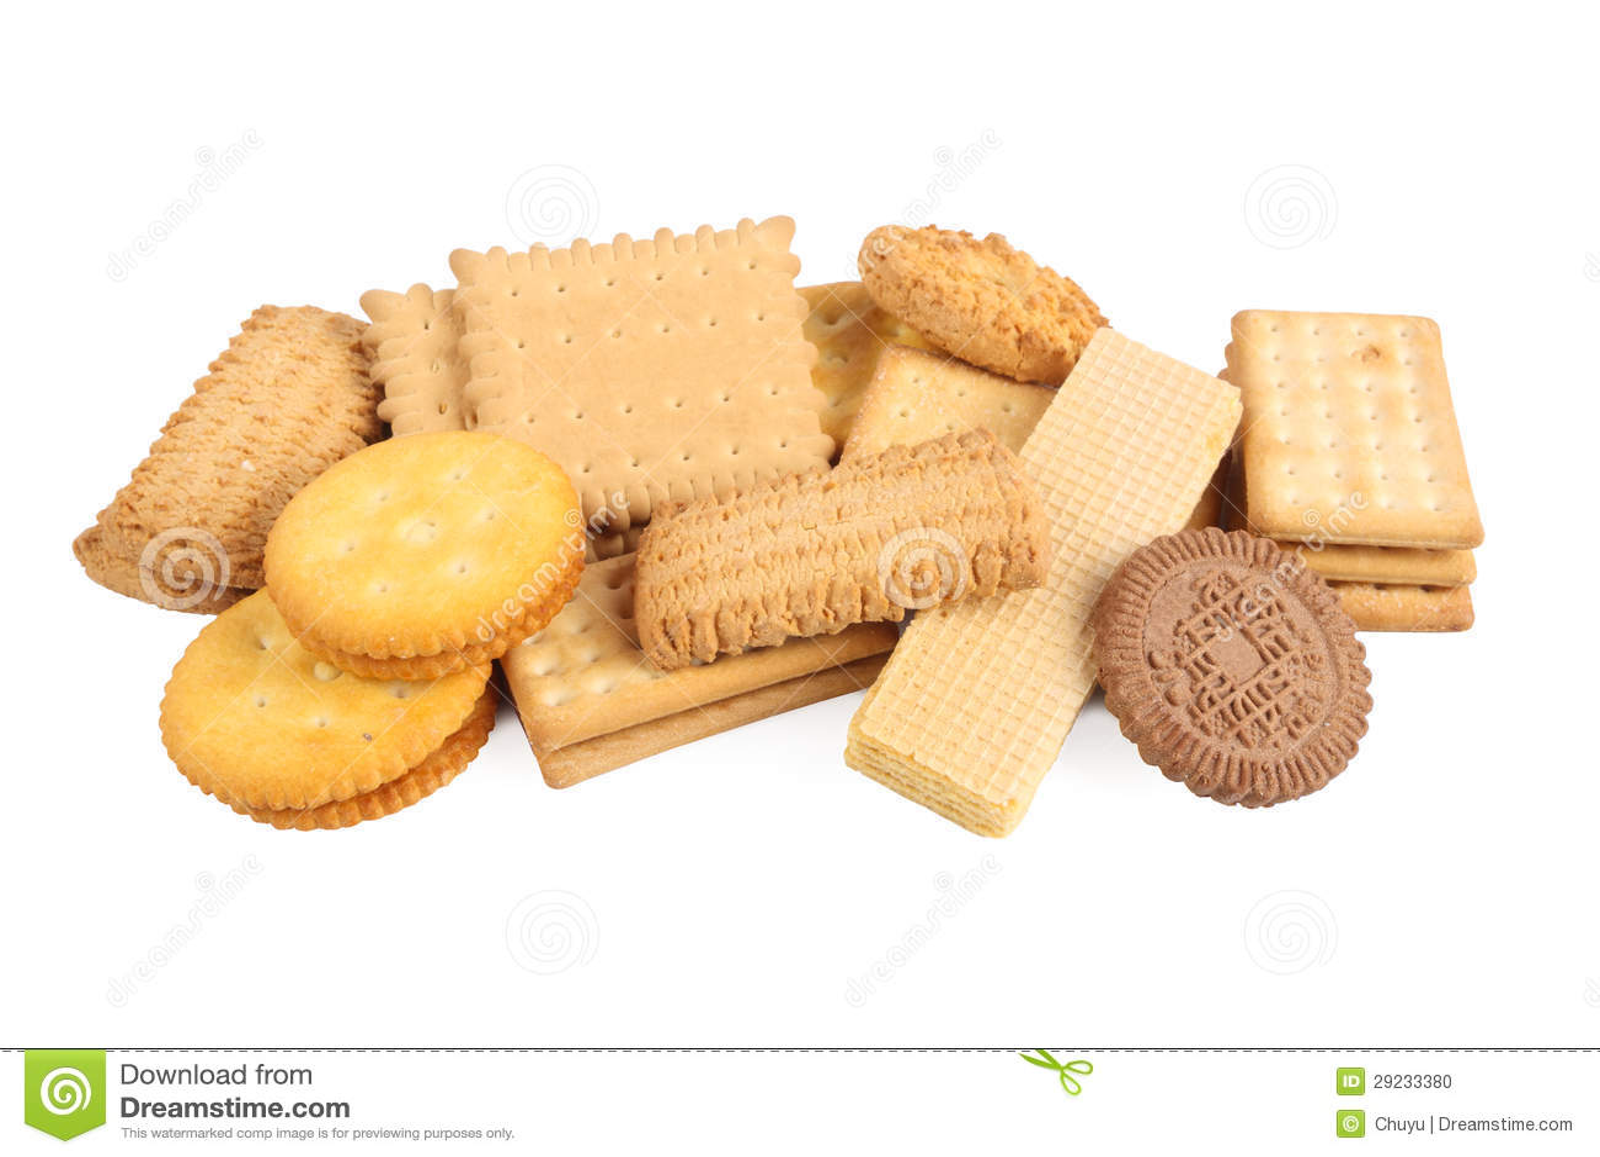 Download Biscoitos Assorted foto de stock. Imagem de dieta, coma - 29233380